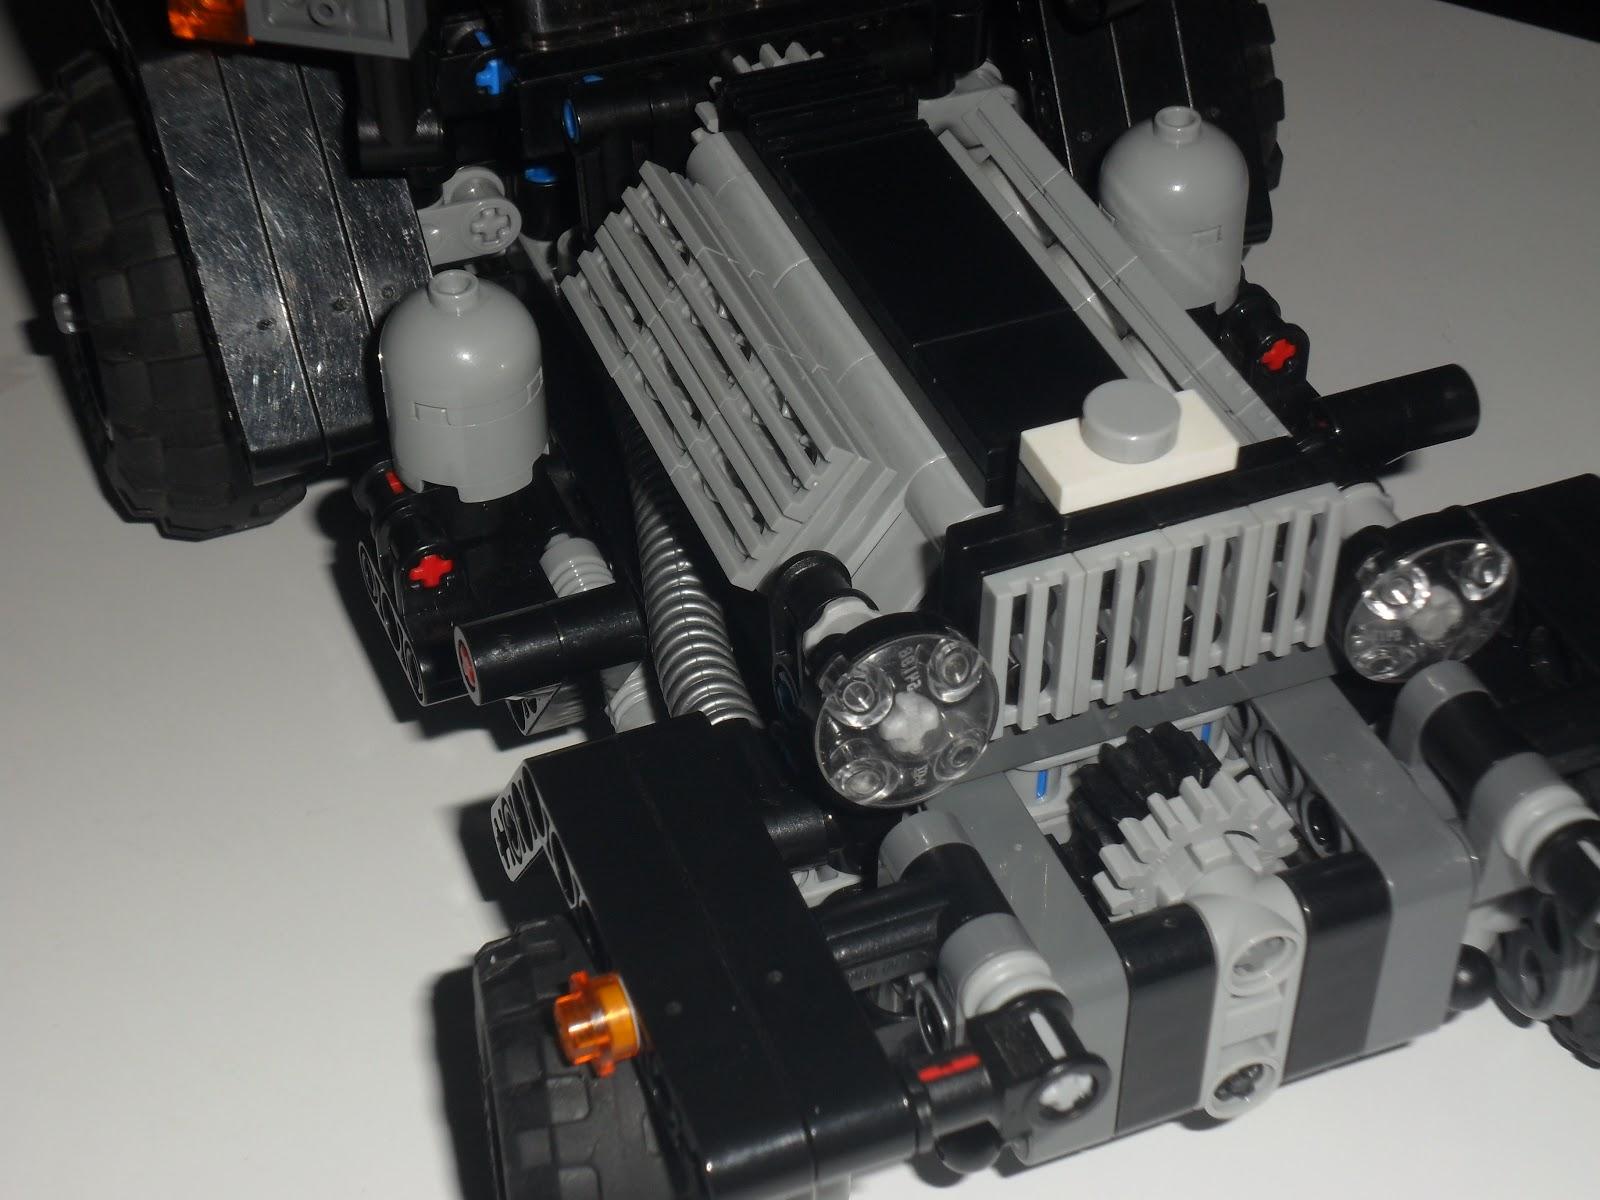 Lego Technic Hub Lego Technic Hot Rod X 1 Moc Building Instructions